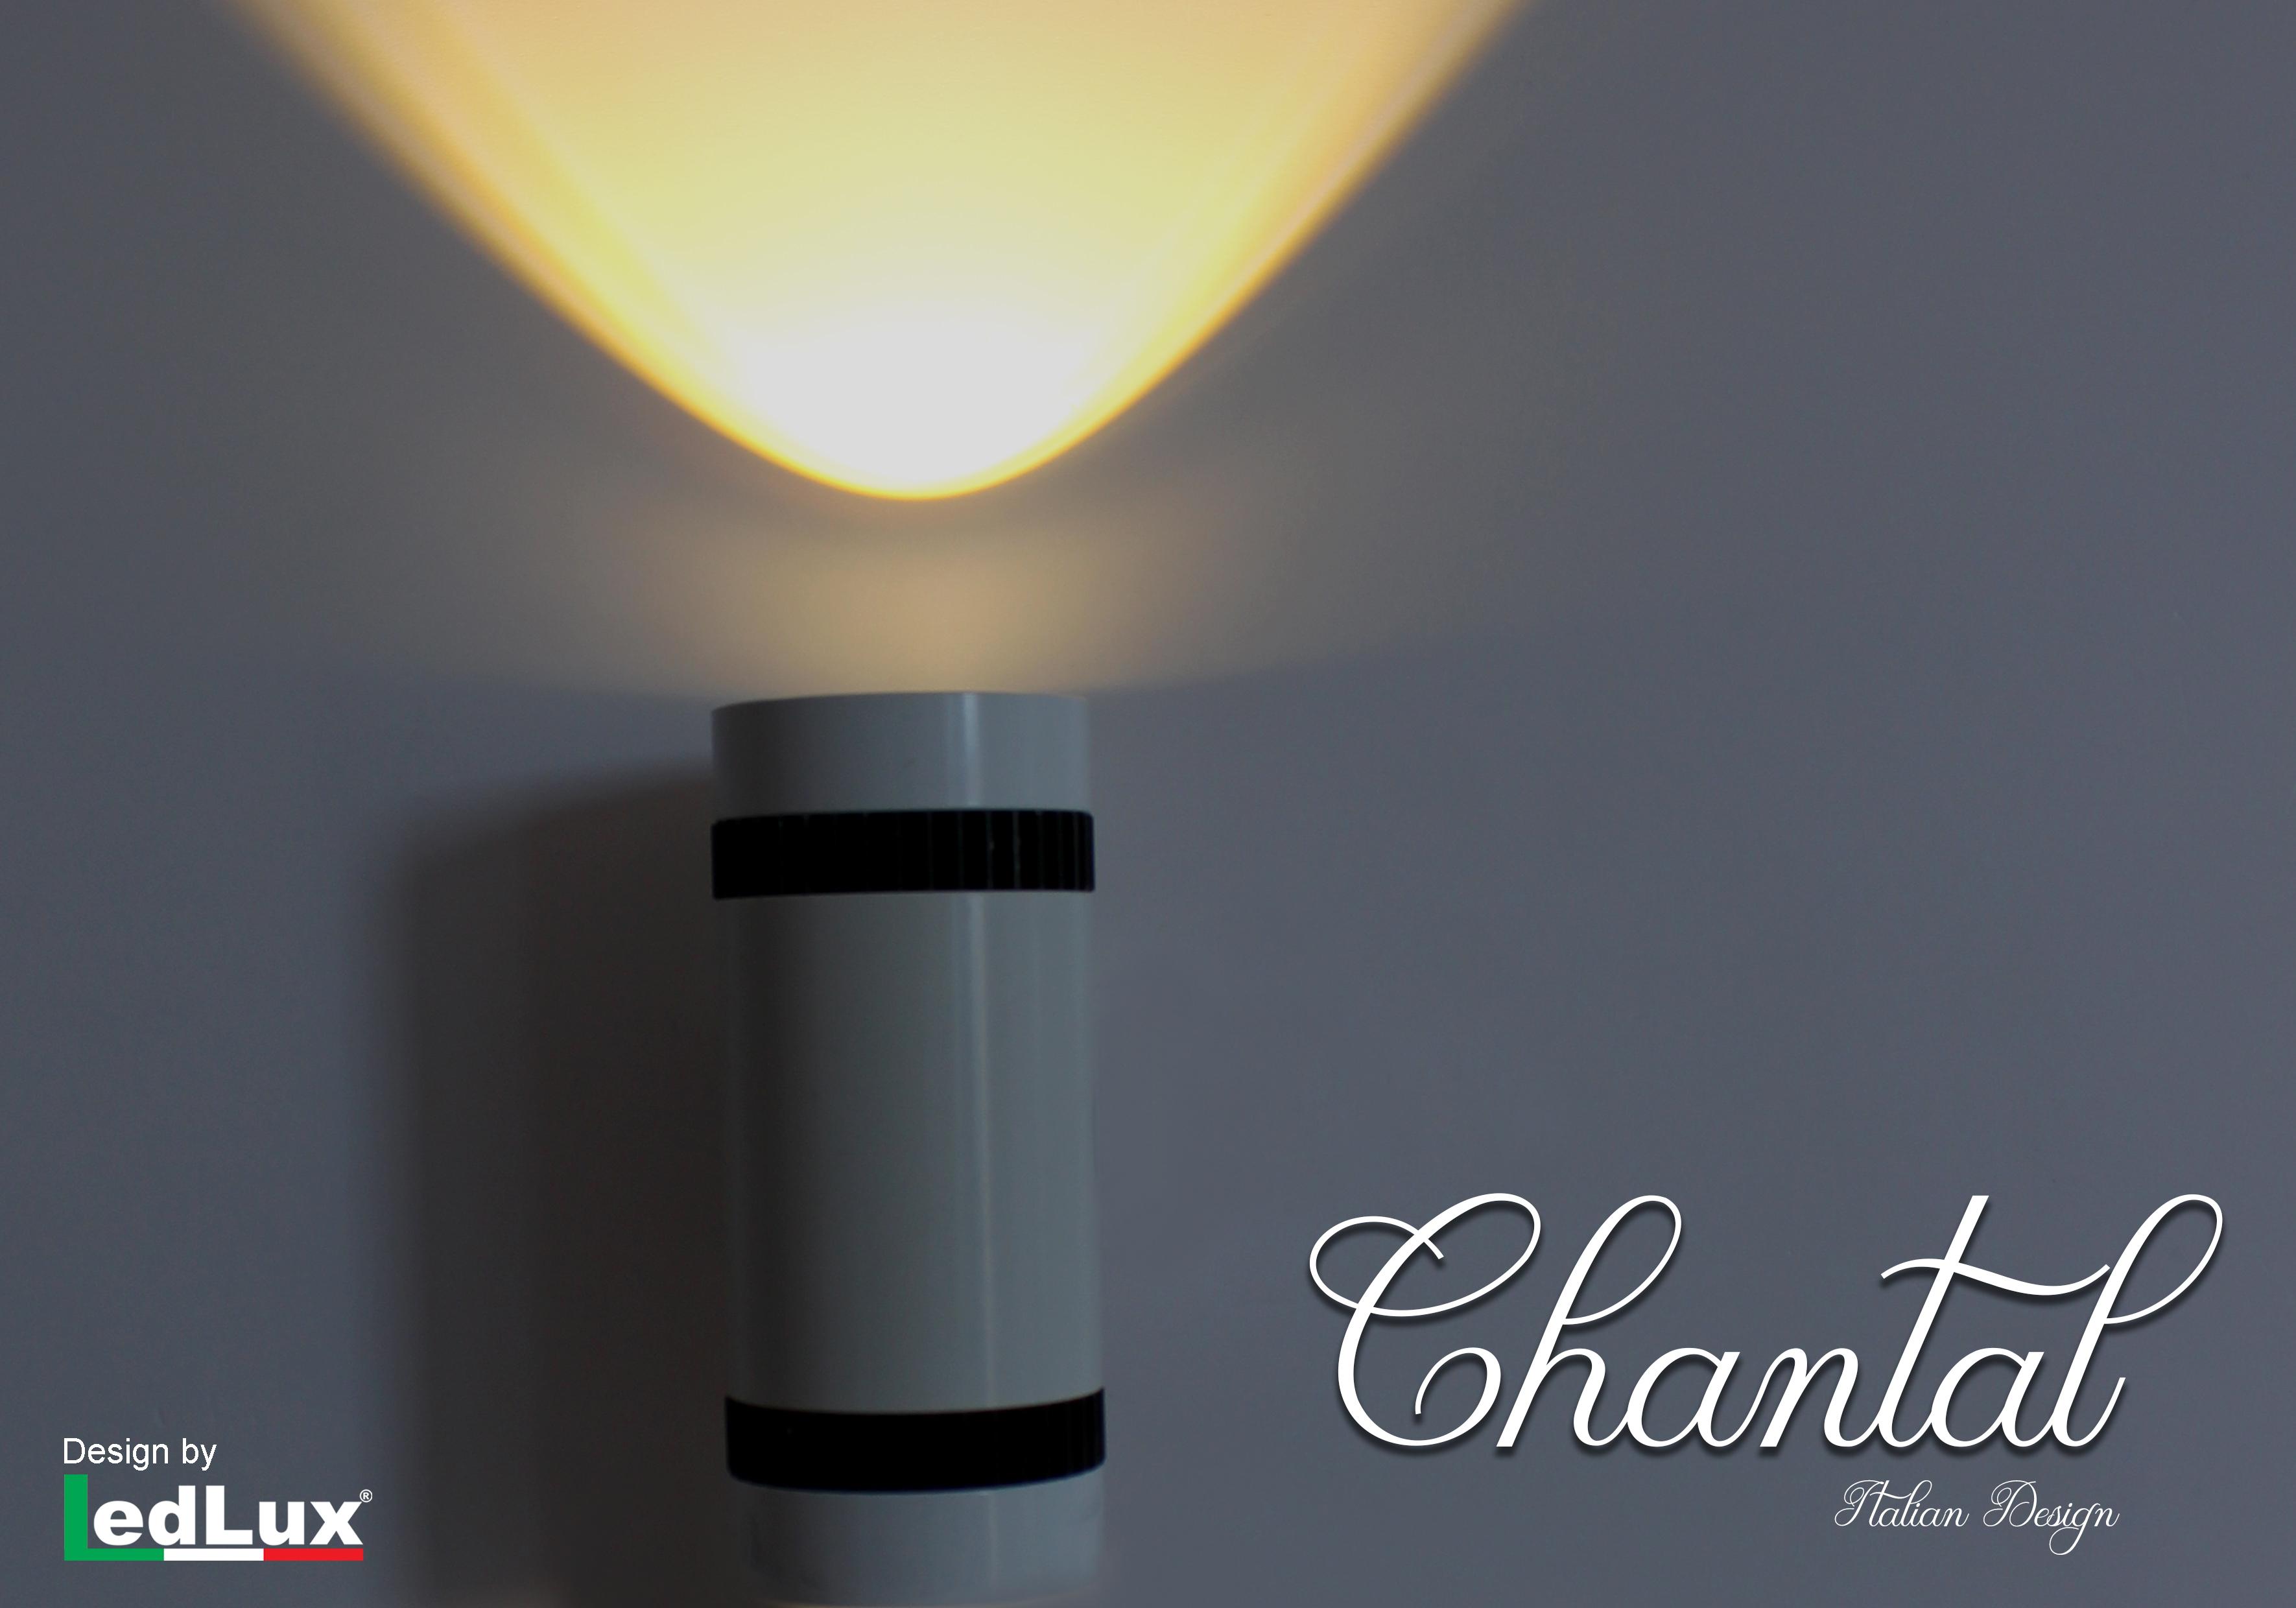 Applique Led Da Parete Modello Chantal Italian Design Moderna 3W Singolo Illuminazione Bianco Caldo - PZ